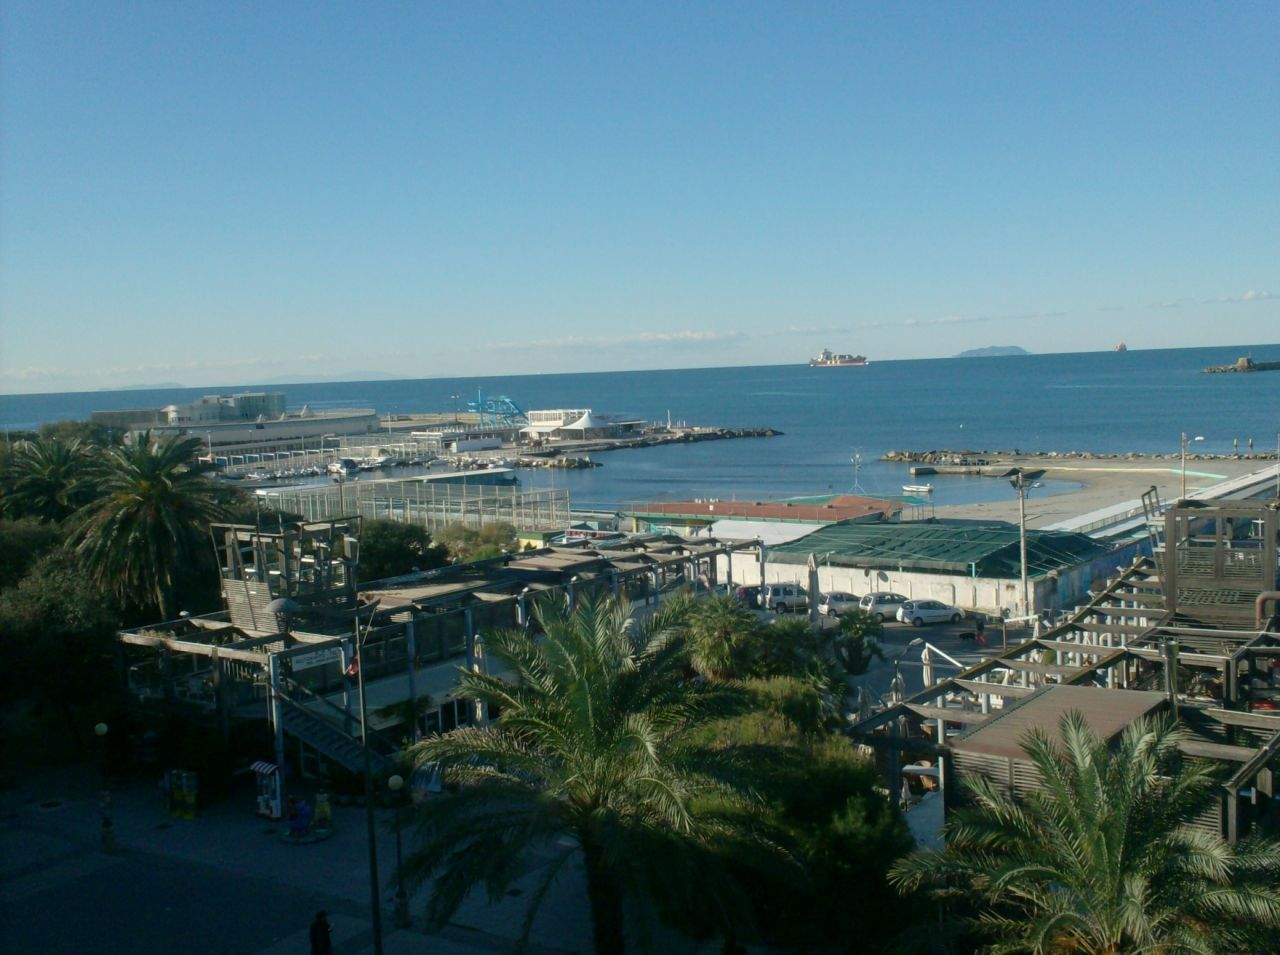 Appartamento 5 locali in vendita a Livorno (LI)